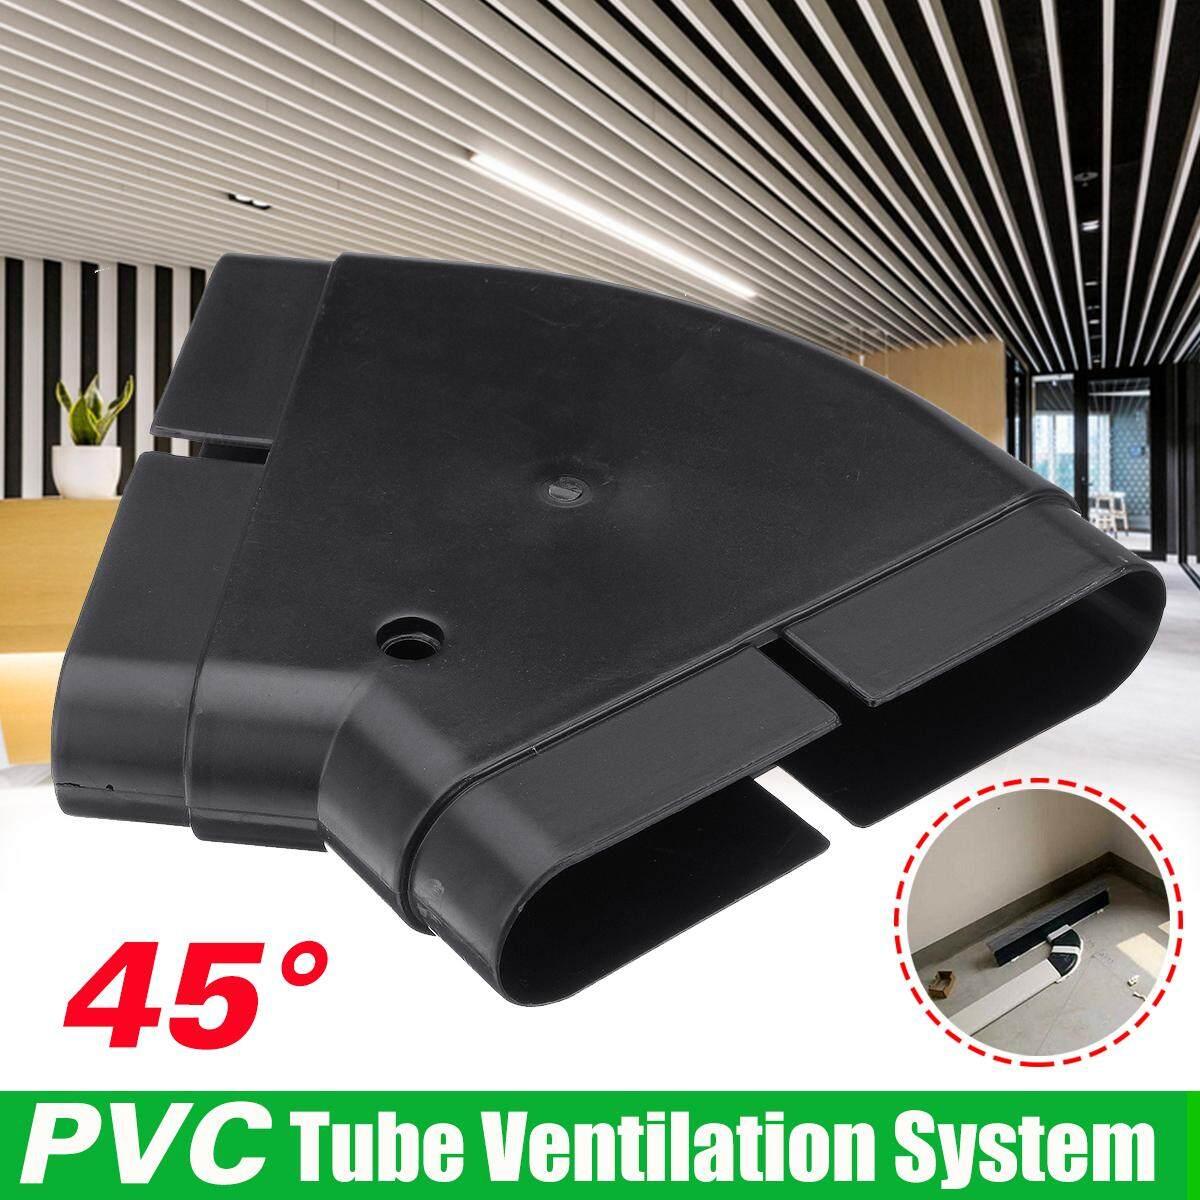 Bảng giá 45 ° uốn cong Đầu Nối Ống 127x25MM Ống Ống NHỰA PVC Thông Thoáng Không Khí Hệ Thống Ống